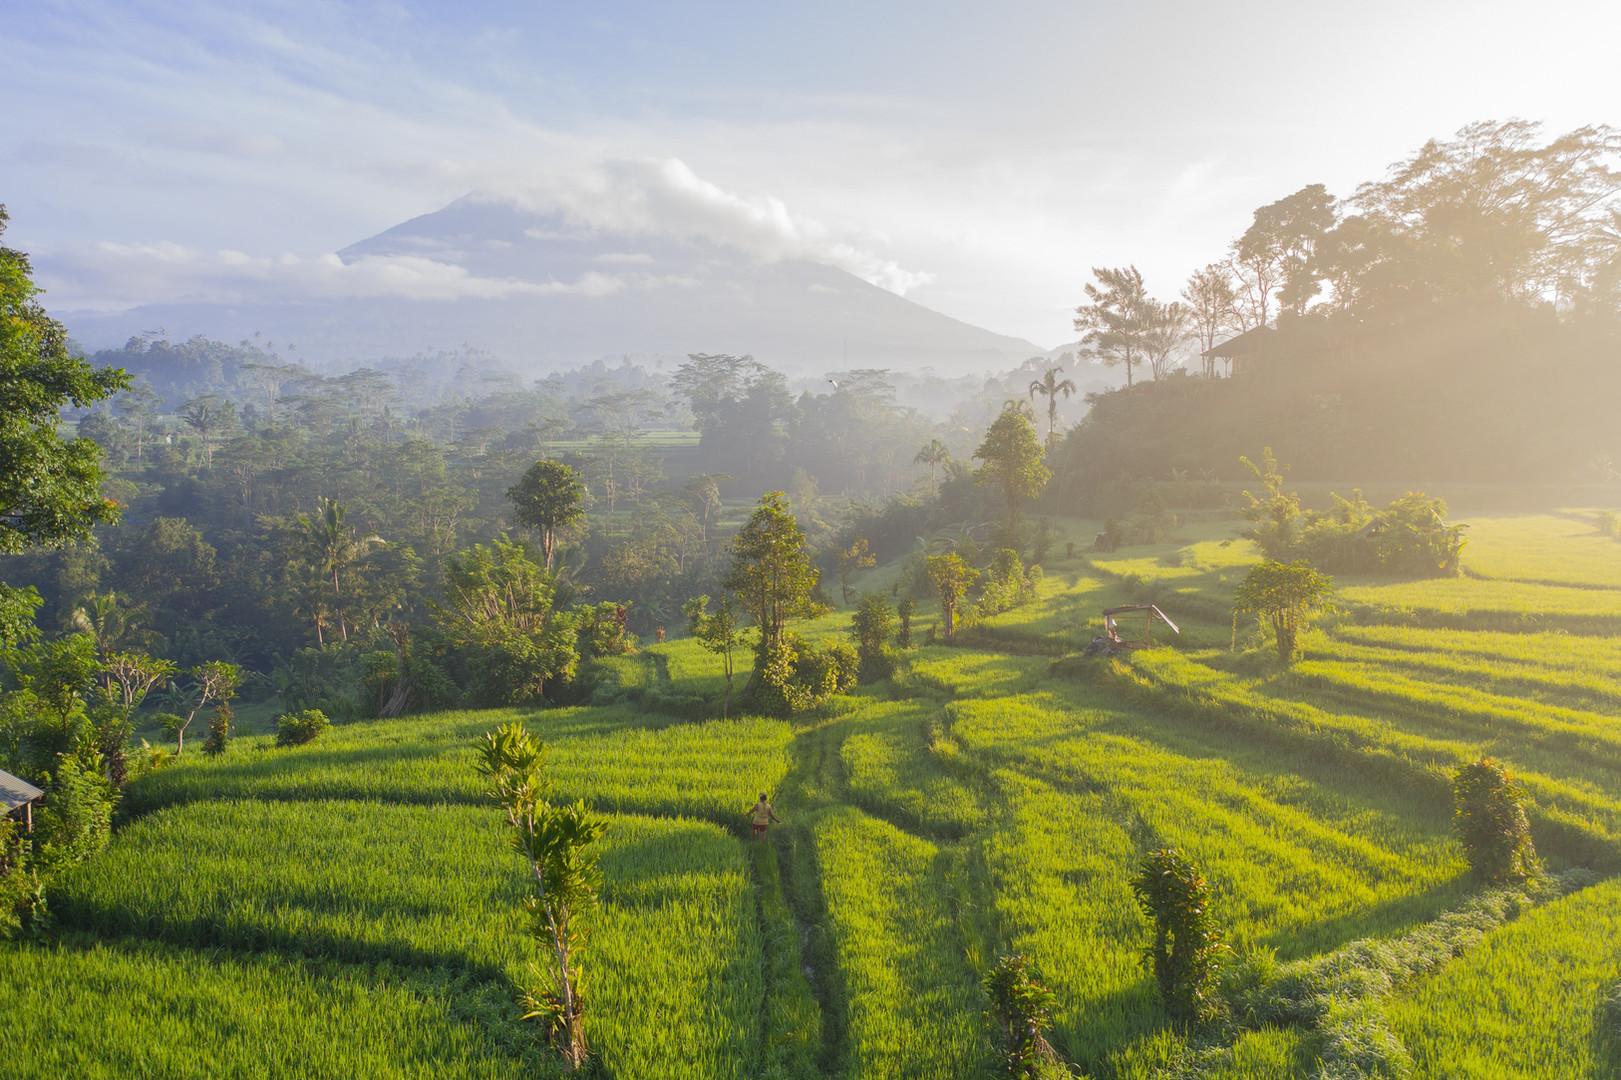 Bali   Image by Geio Tischler